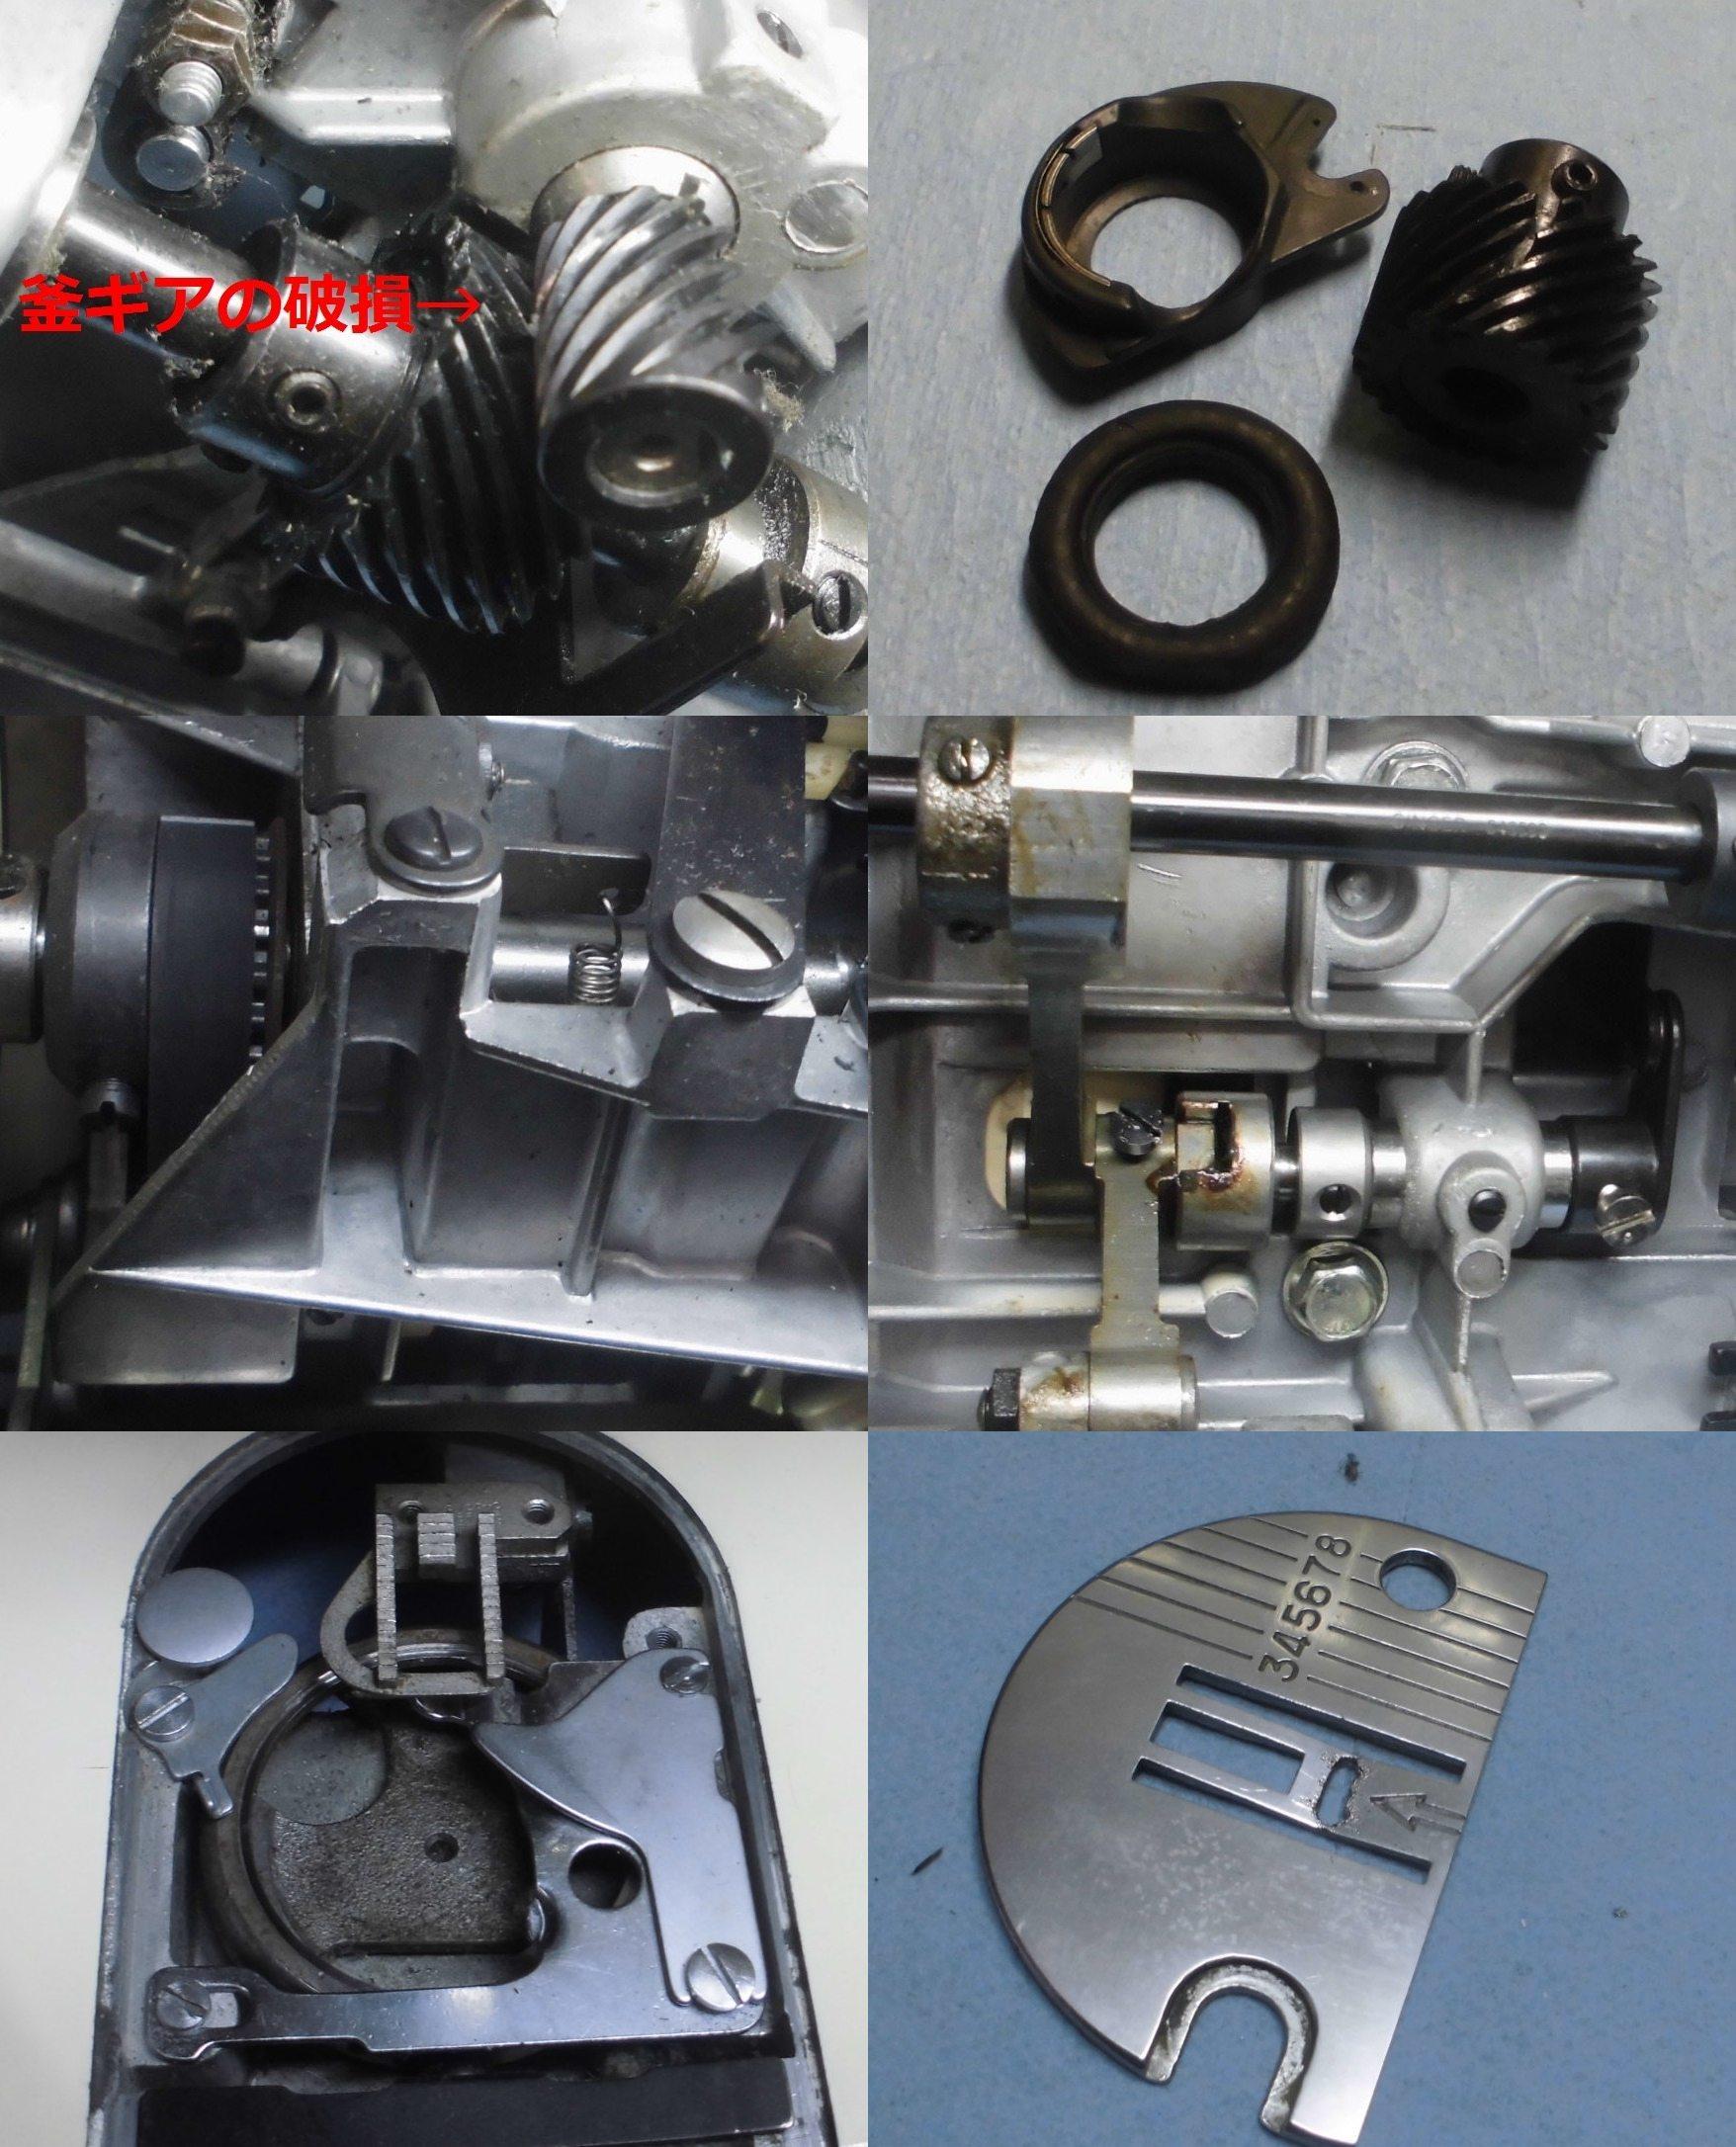 モナミ384の分解オーバーホールメンテナンス修理|シンガーミシン修理